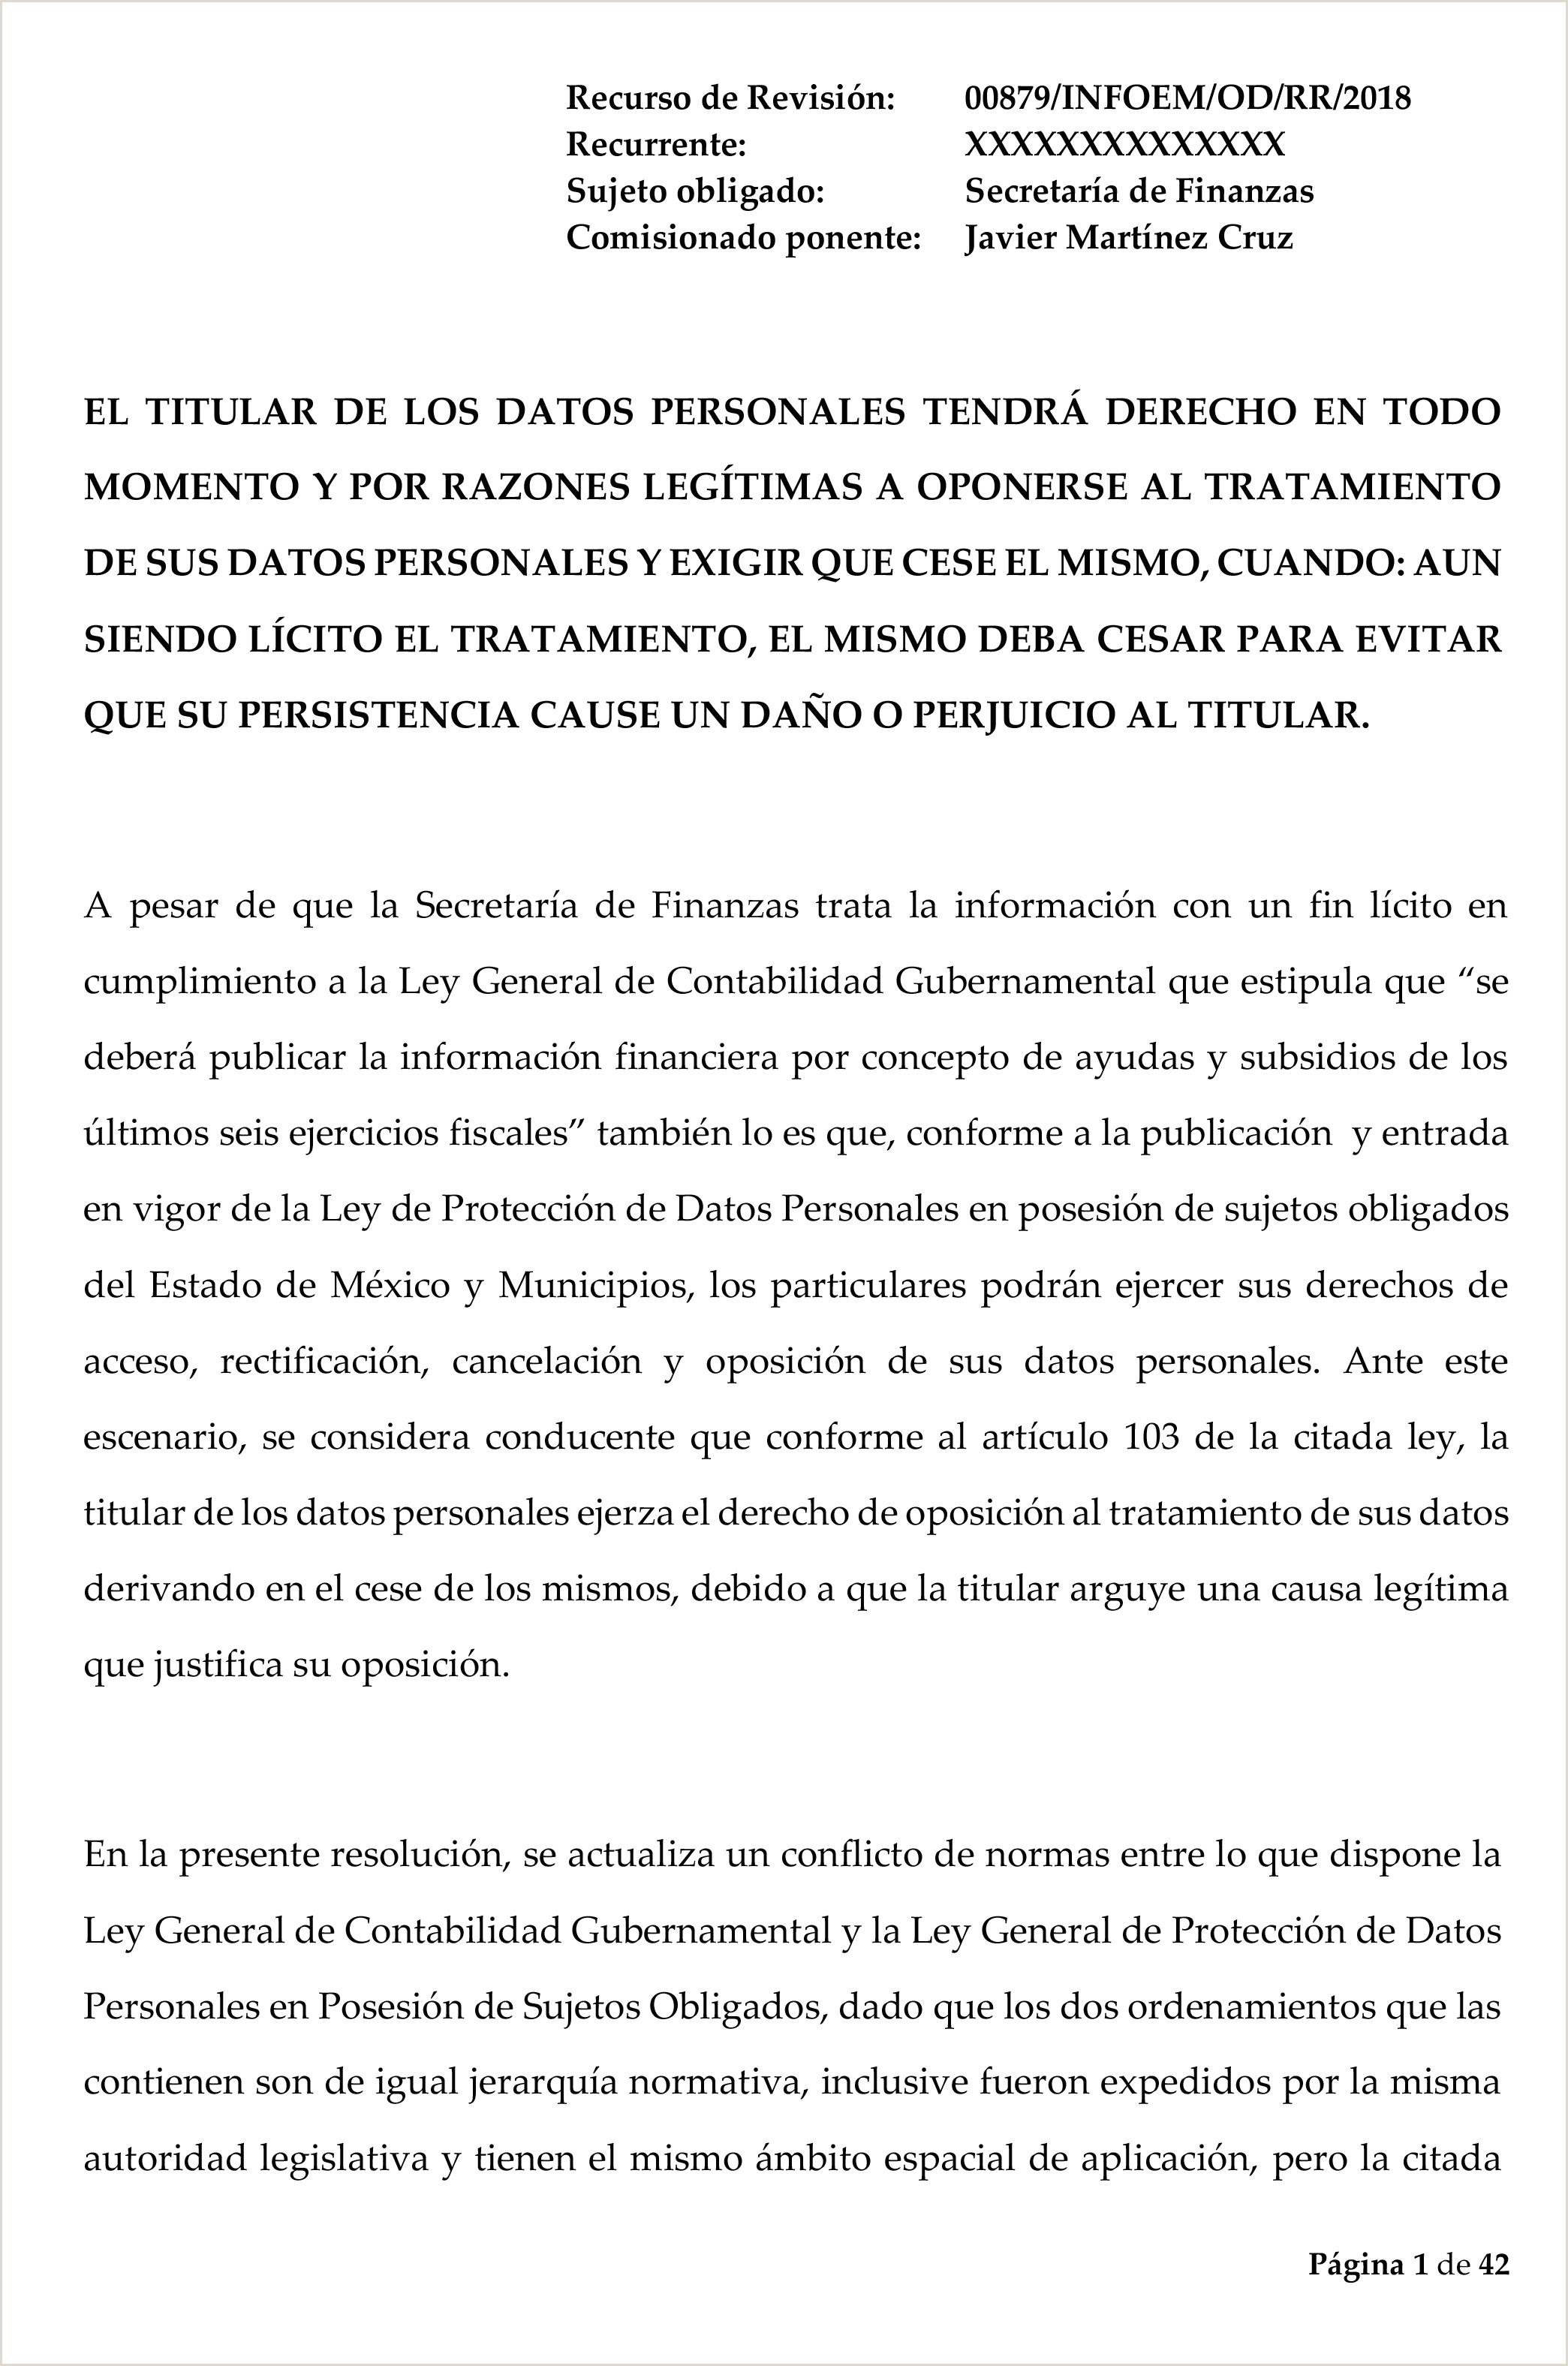 Como Descargar Hoja De Vida formato Unico Instituto Veracruzano De Acceso A La Informaci³n Y De